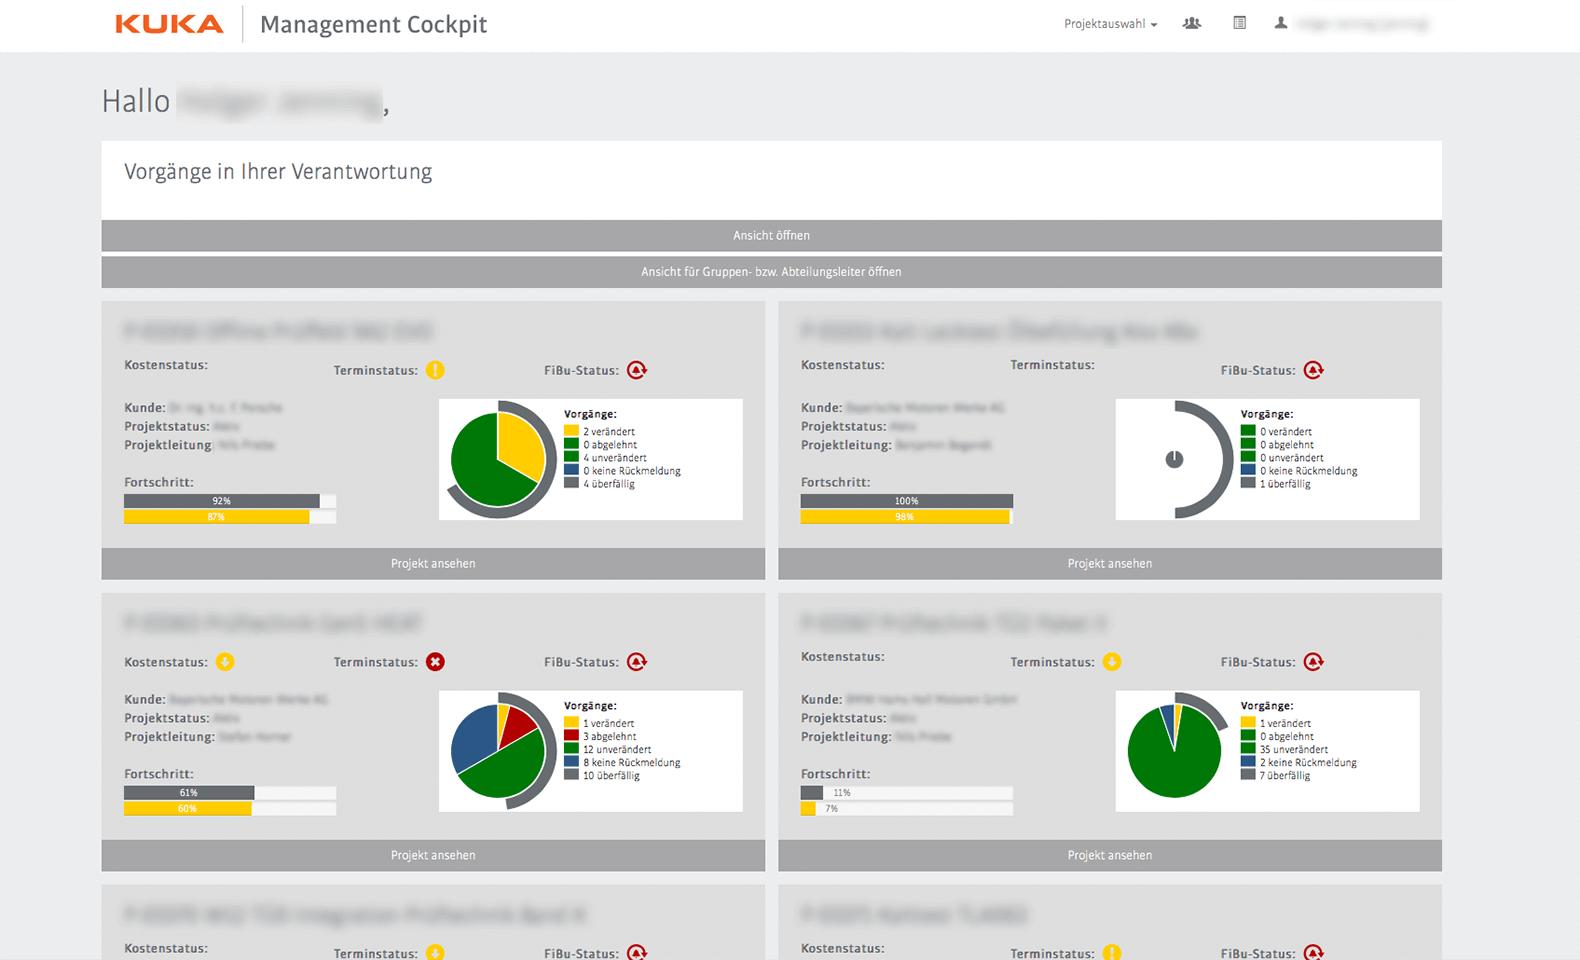 KUKA - Management Cockpit - Grafische Auswertung für schnelle Übersicht inkl Tortendiagramm und Fortschrittsbalken